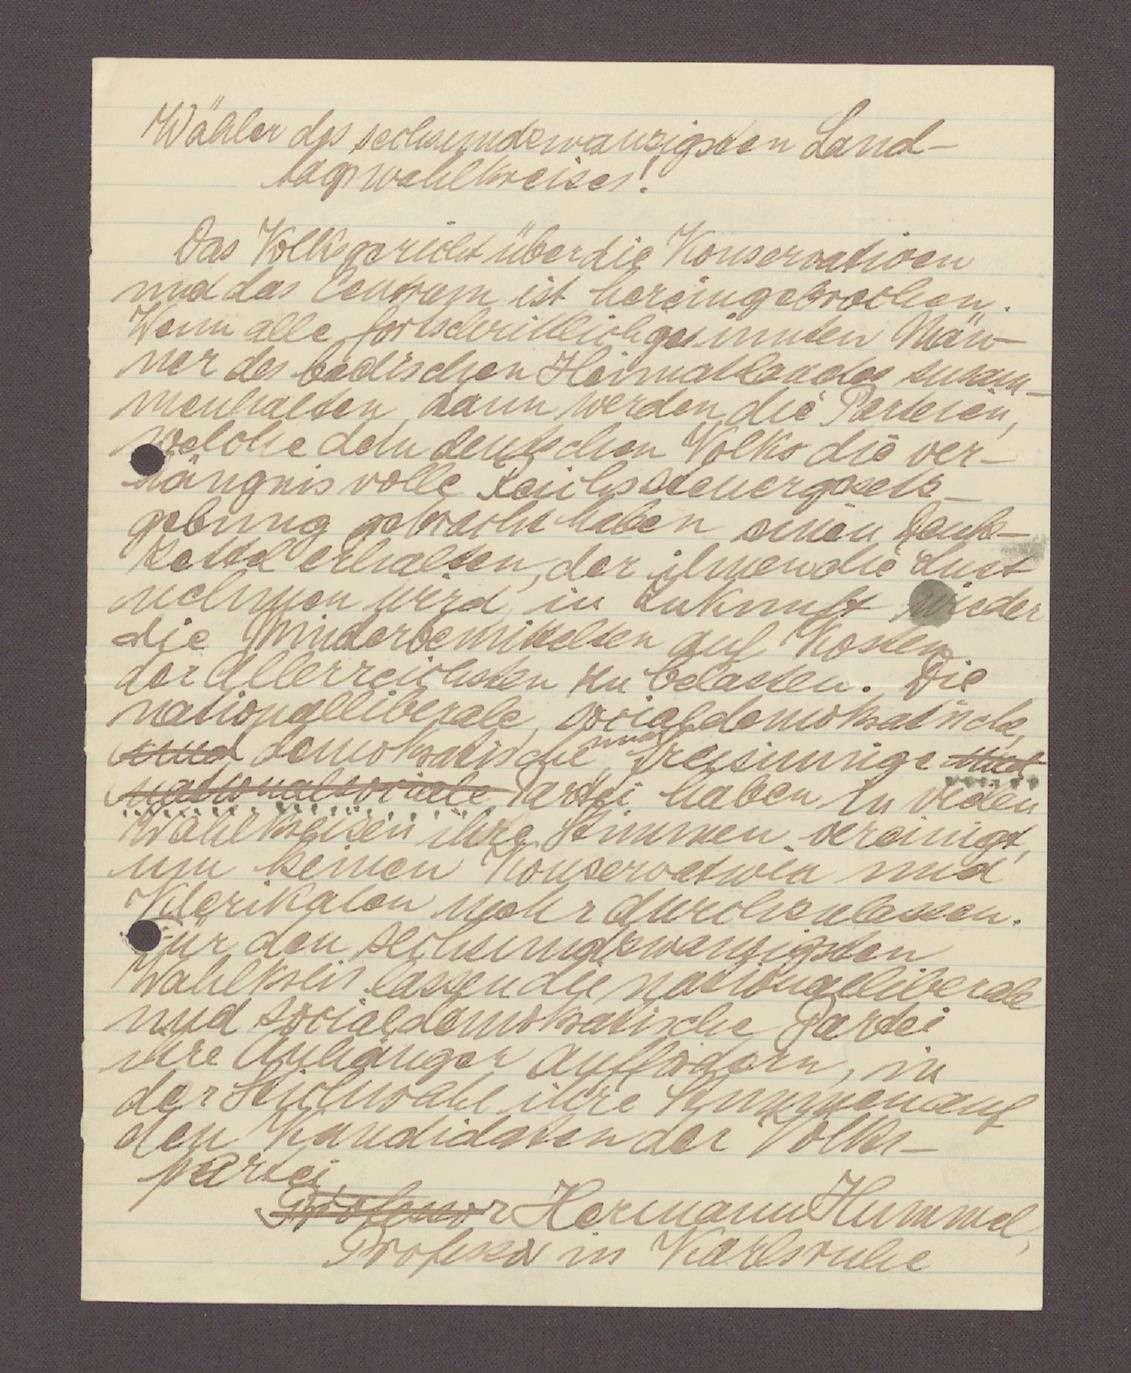 Wahlaufruf für Hermann Hummel, 1 Schreiben (2 Durchschläge), Bild 2